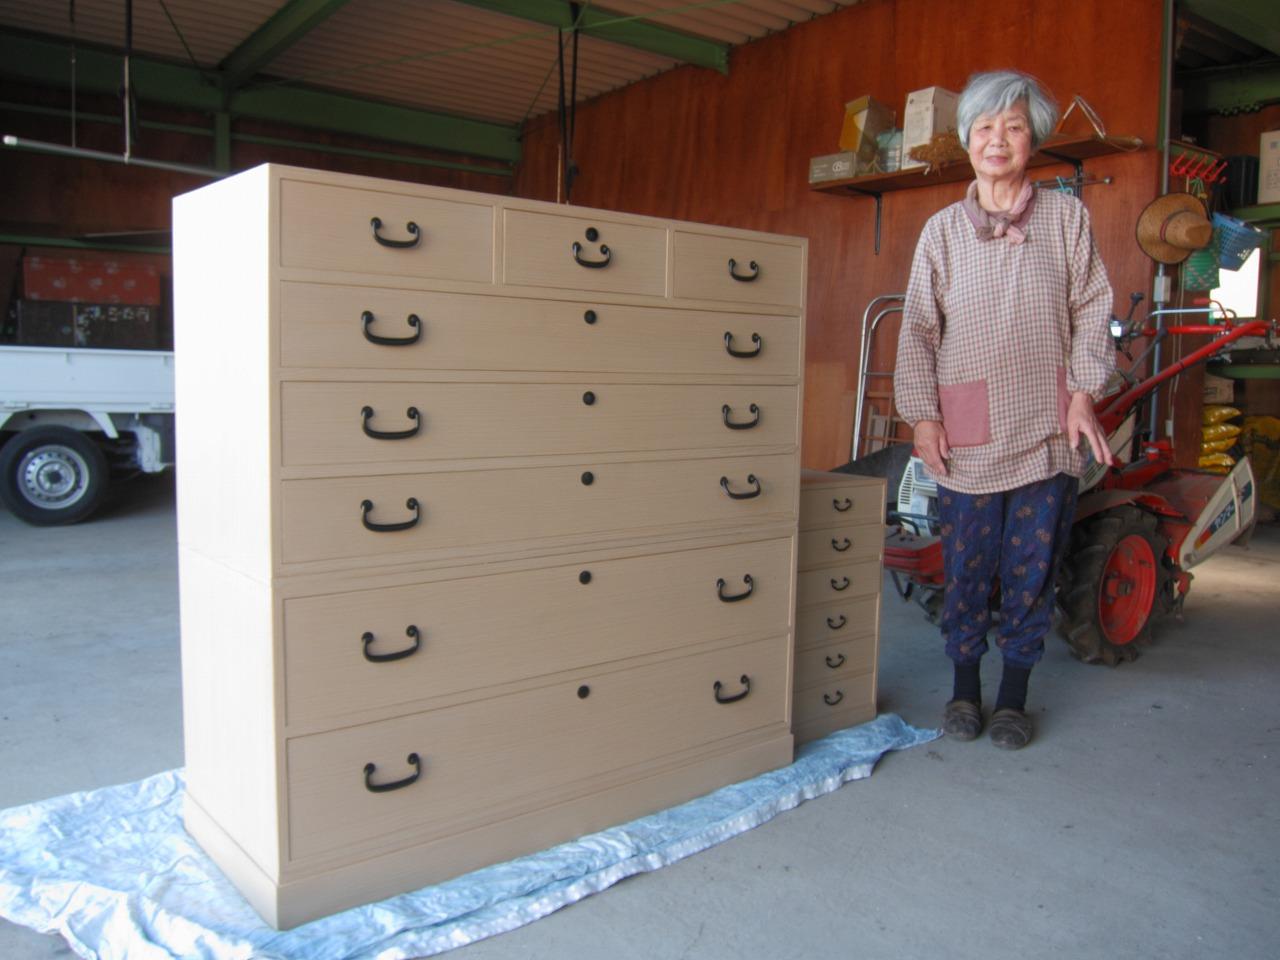 富加町へ長持の桐材を使い総桐箪笥を作り納品してきました。